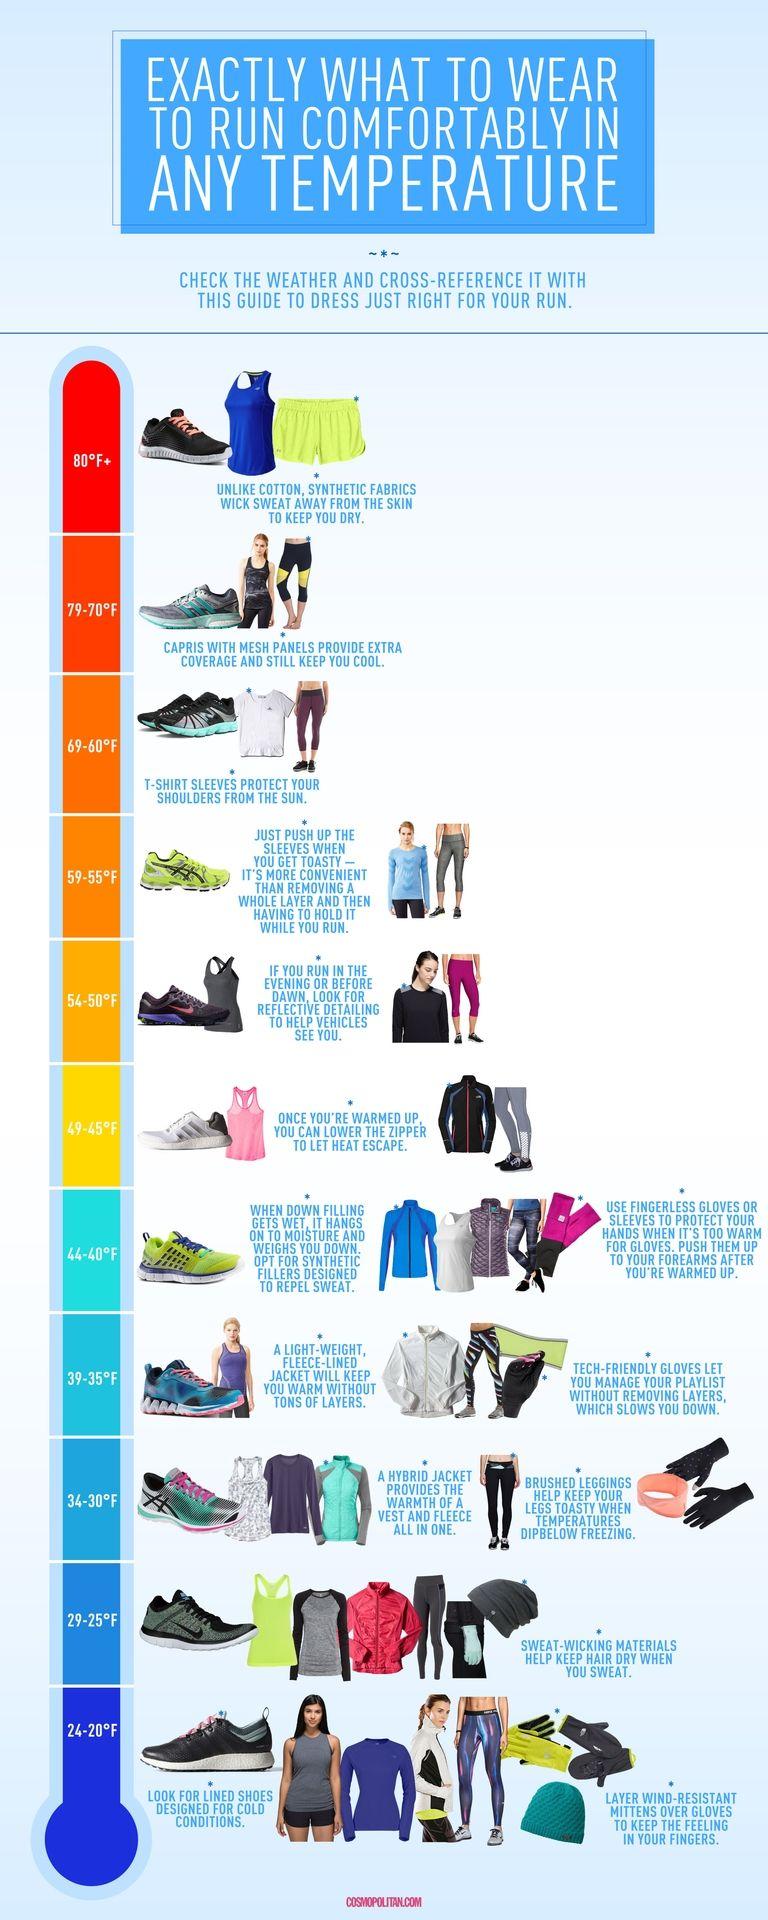 Usar capas para correr en climas fríos | Deportes Canda